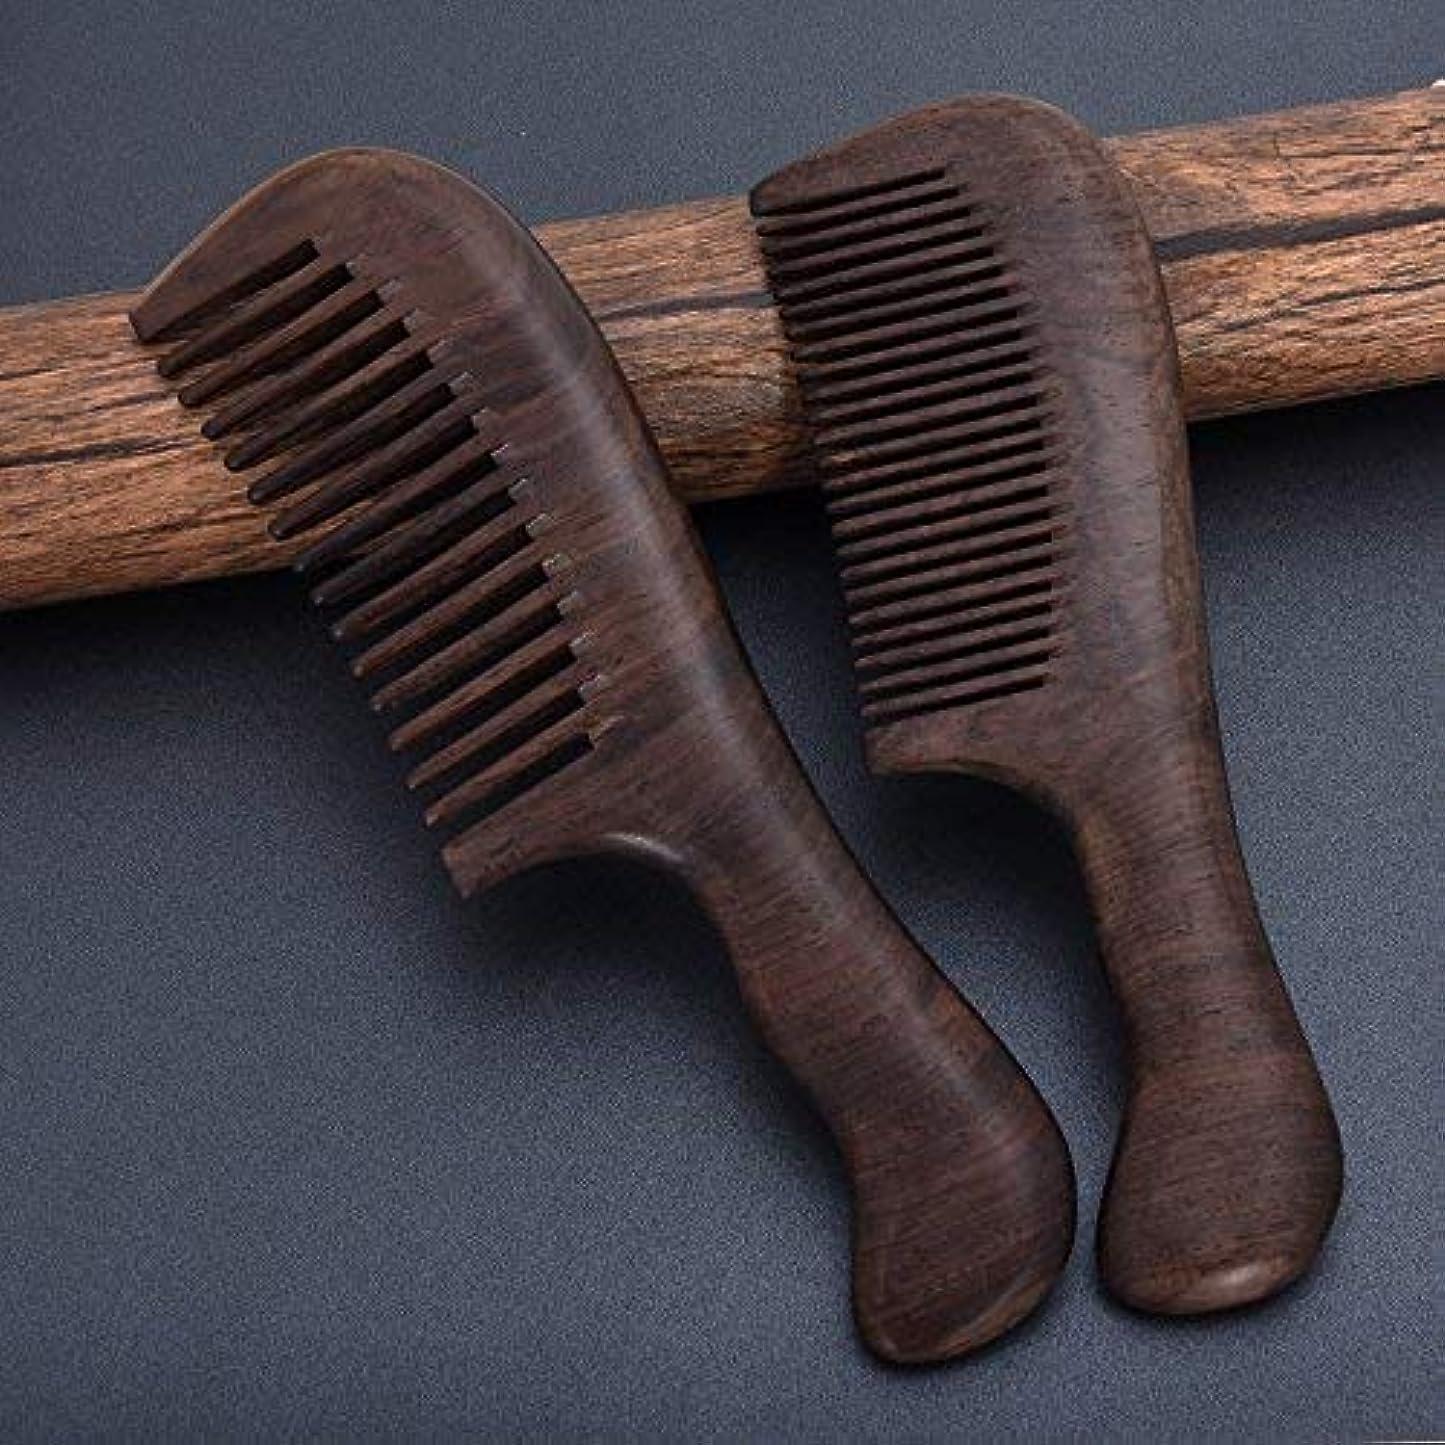 救いピッチアレイBlack Sandalwood Hair Comb, Pack of 2 Anti-static 8 inches Wooden Comb Set with Natural Aroma, A Standard Comb and A Wide Teeth Comb [並行輸入品]